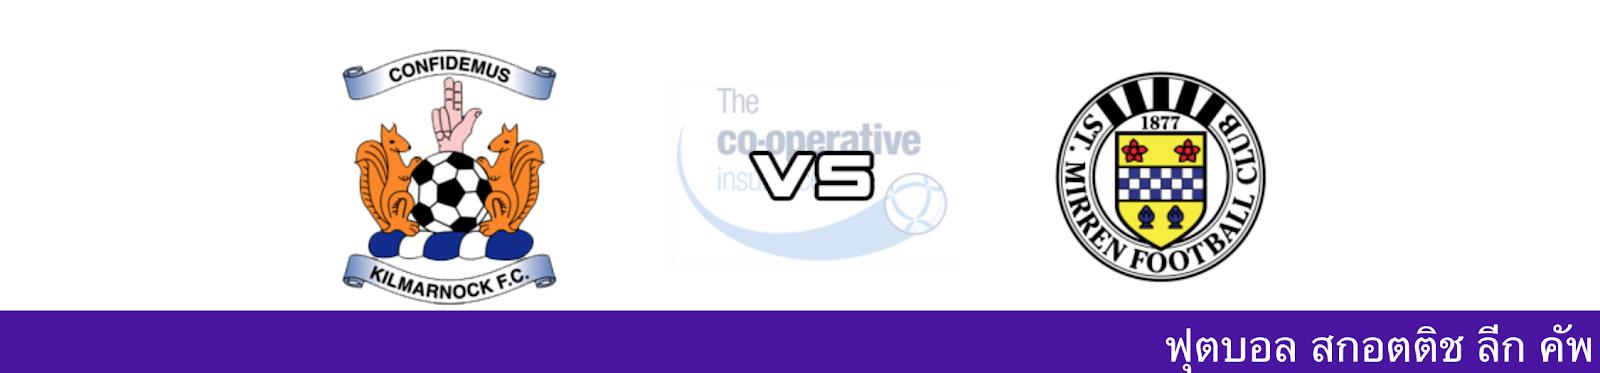 ดูบอลสด วิเคราะห์บอล สก็อตลีกคัพ ระหว่าง คิลมาร์น็อค vs เซนต์ เมียร์เรน